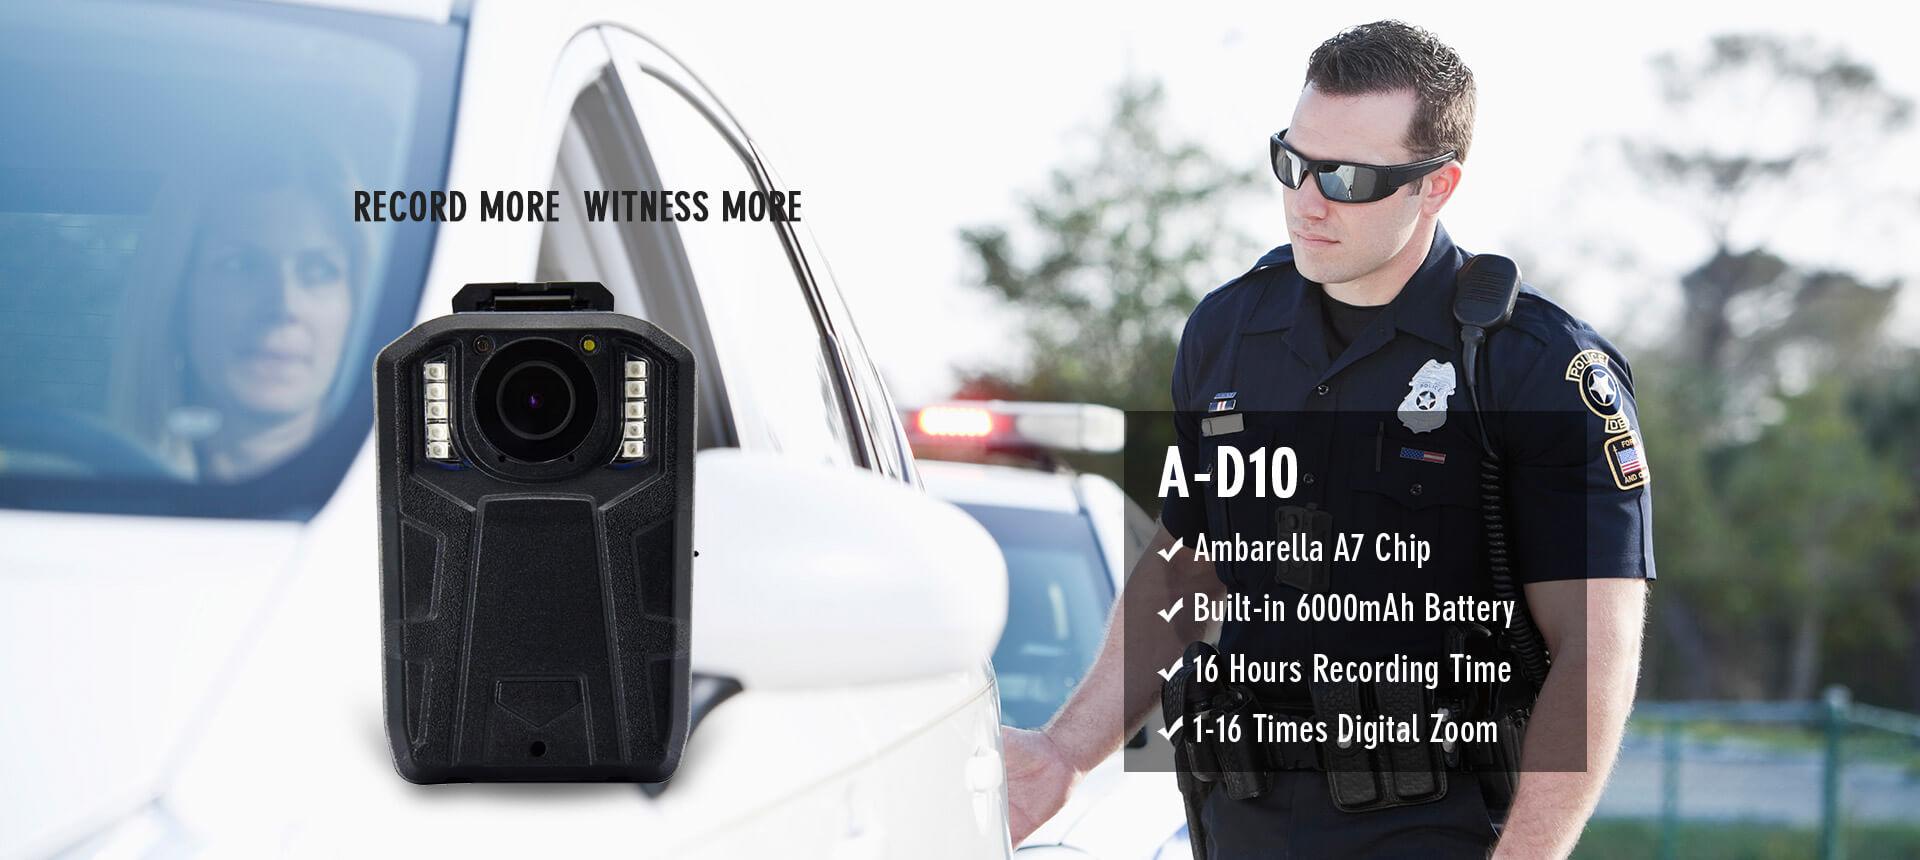 6000mAh Battery Body Camera